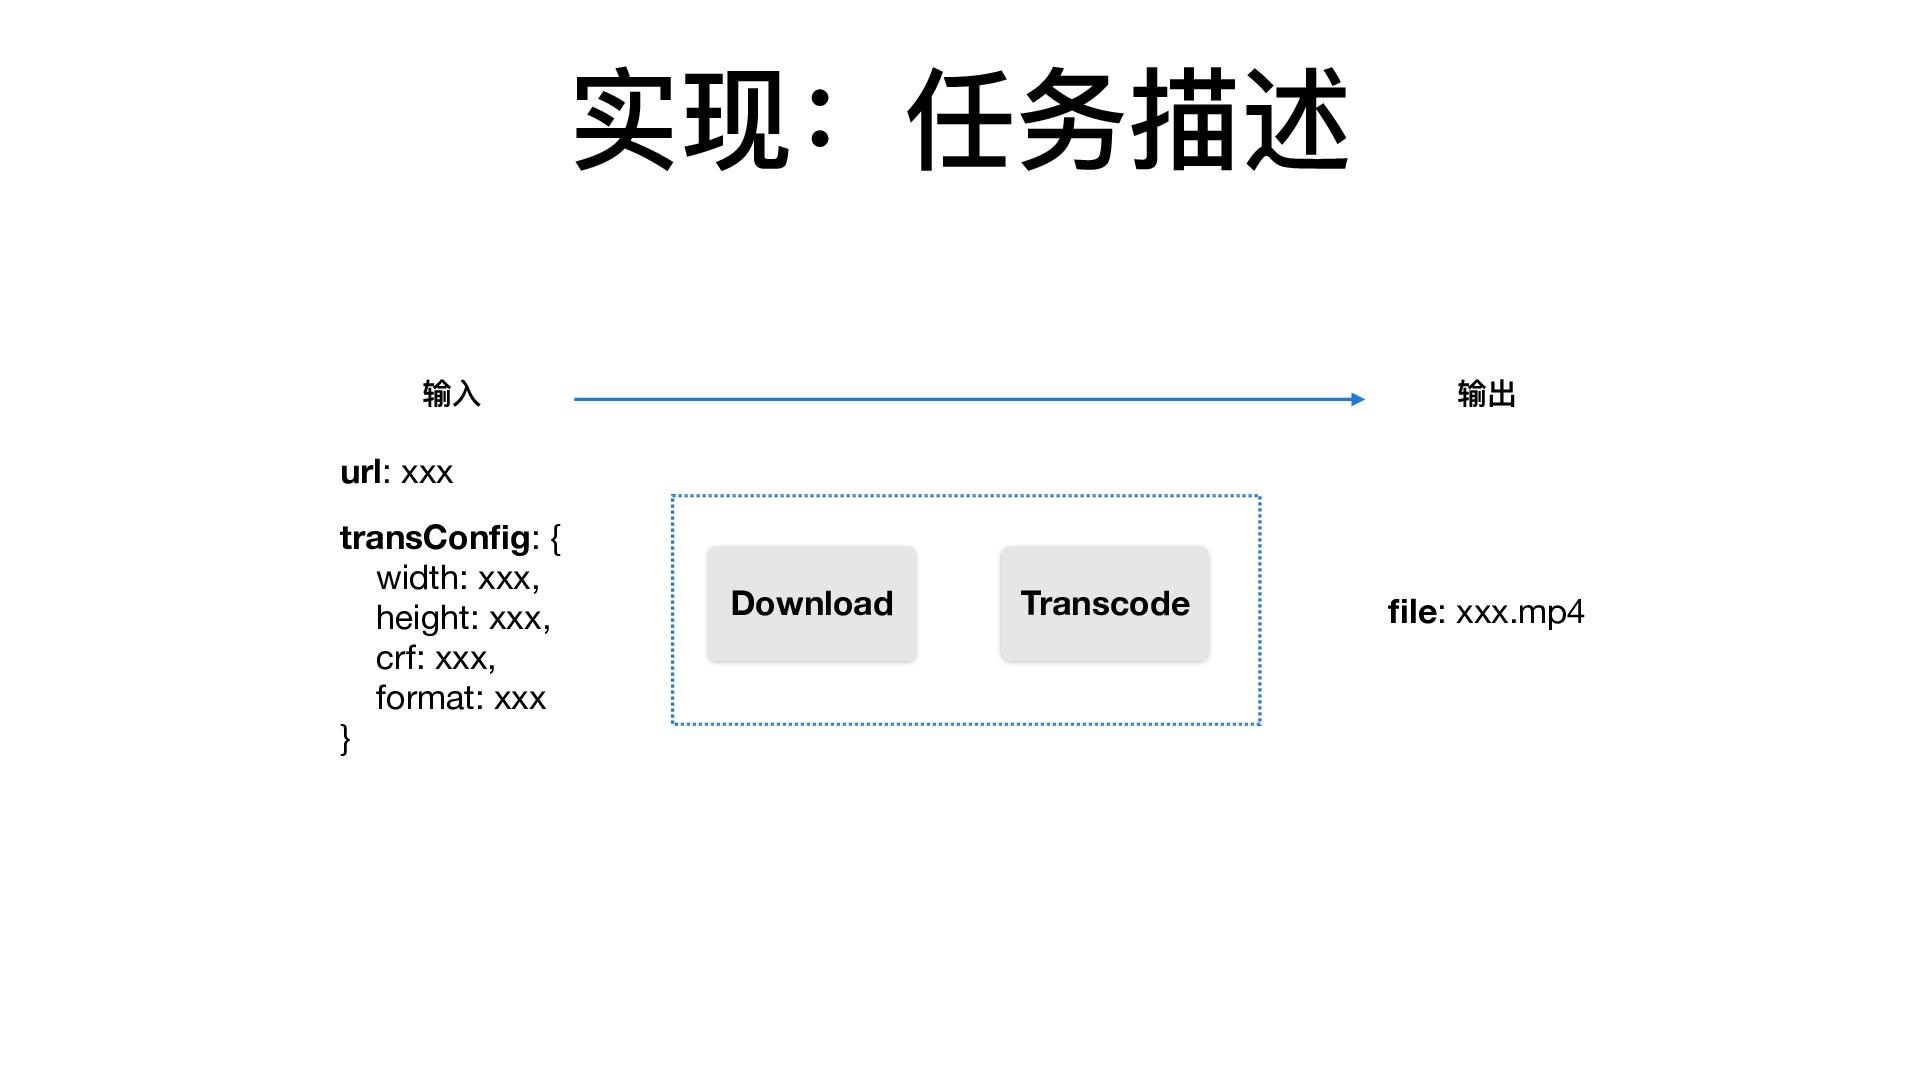 https://opentalk-blog.b0.upaiyun.com/prod/2018-07-28/7097ab020720f4a9cc95343ea3242730